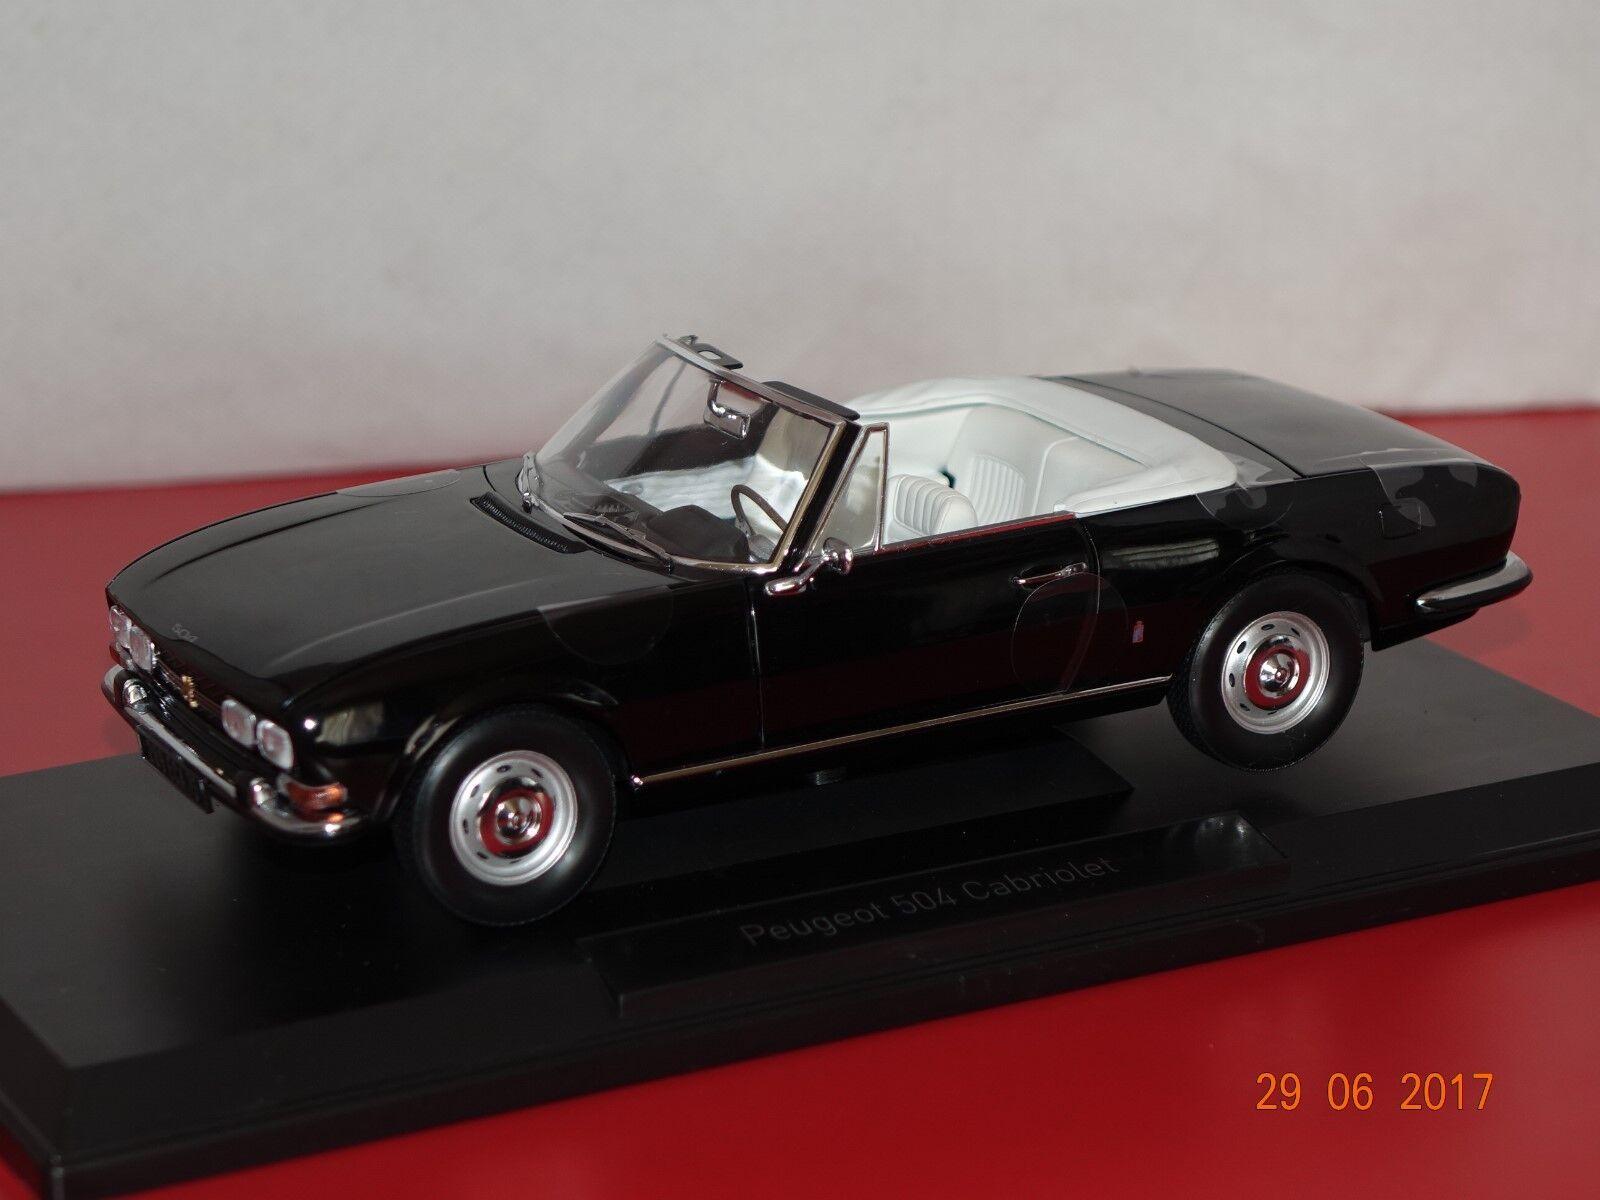 Peugeot 504 Cabriolet 1971 Noir. 1 18 Norev 184784 NOUVEAU & NEUF dans sa boîte